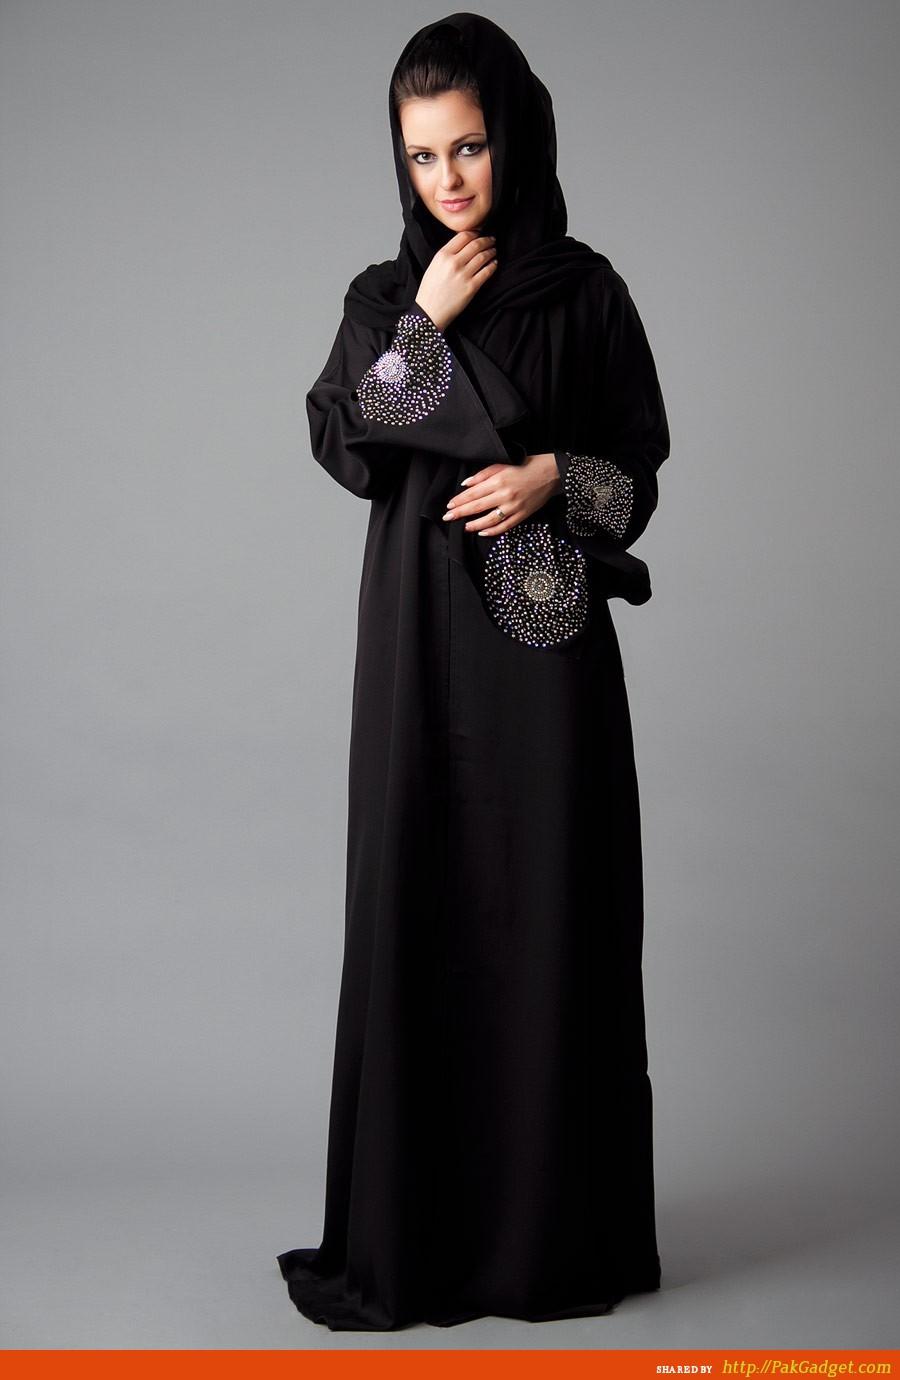 Jilbab Designs 2014 Jilbab-designs-2014-2015